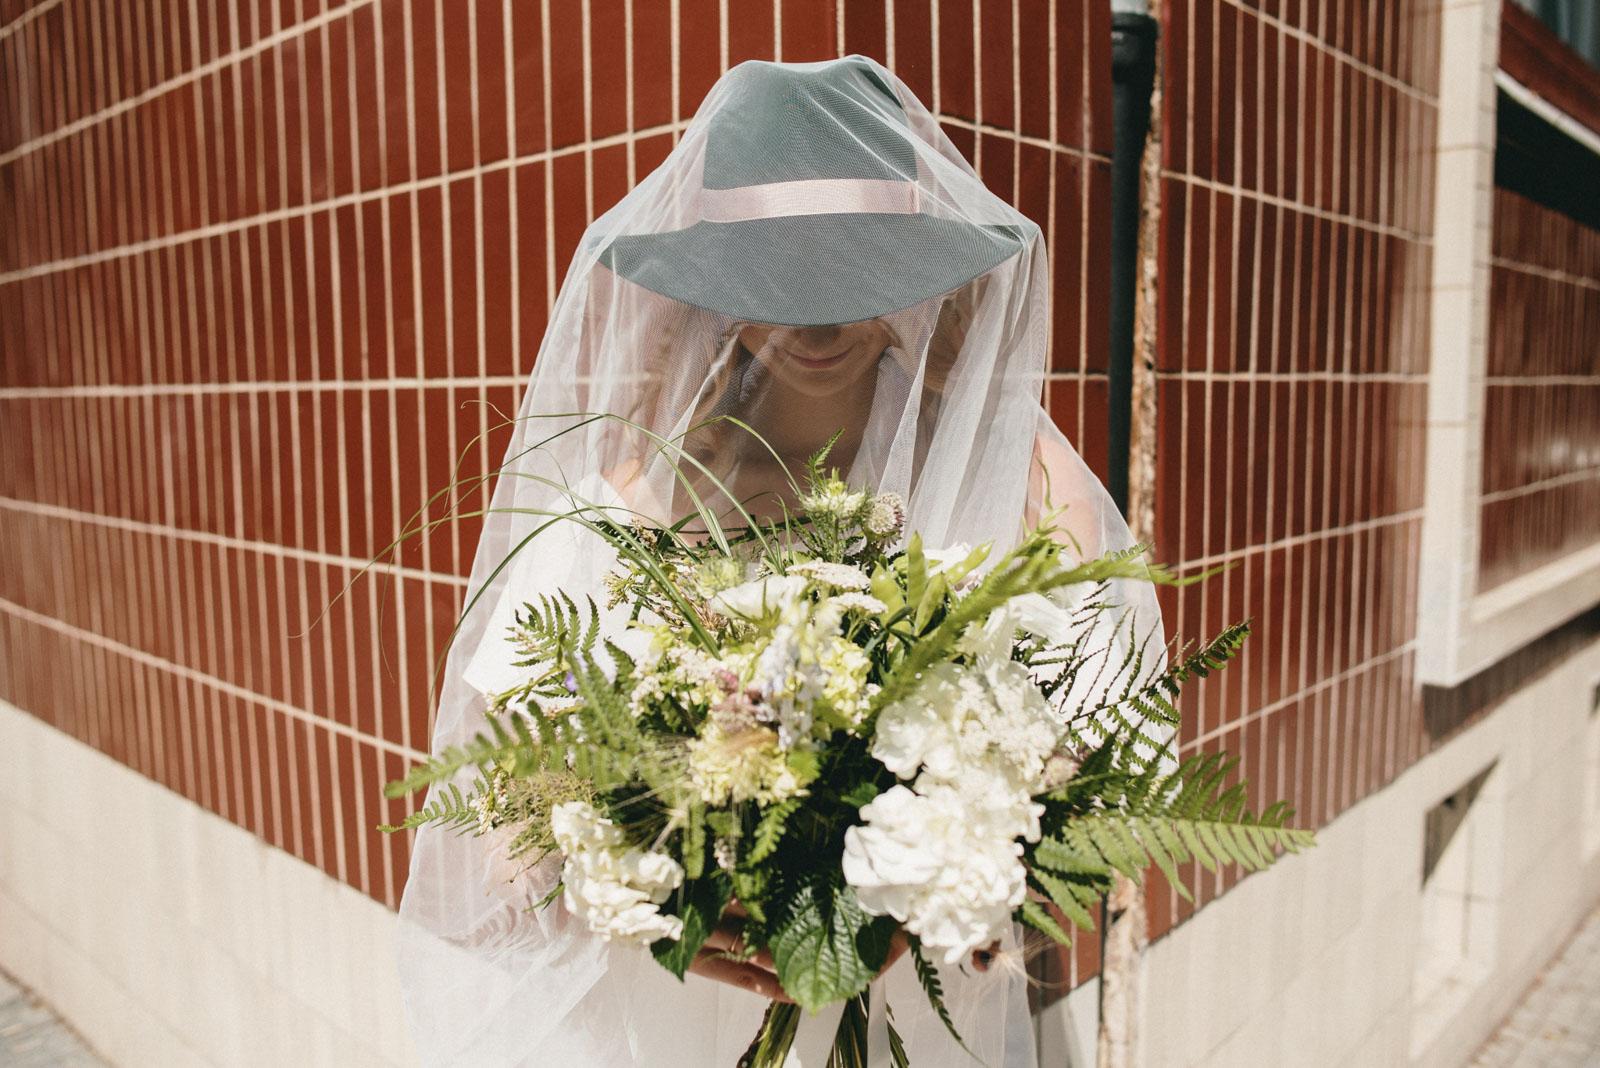 nevěsta zahalená do závoje drží svatební kytici z lučního kvítí a kapradin